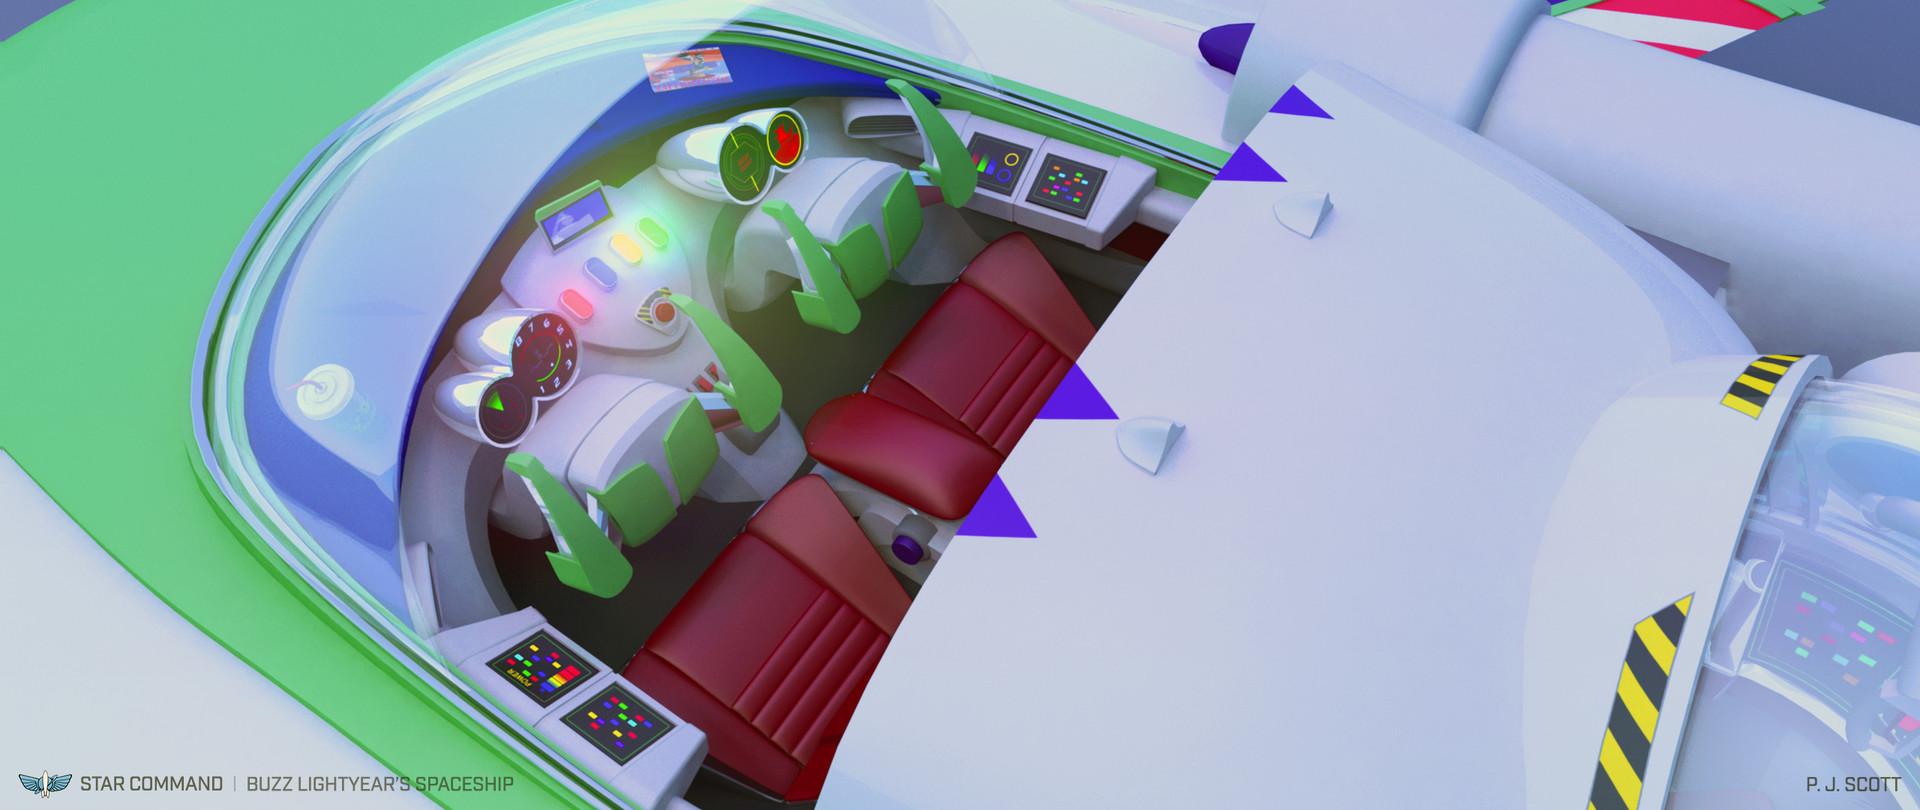 pete-scott-buzz-lightyear-spaceship-05.j